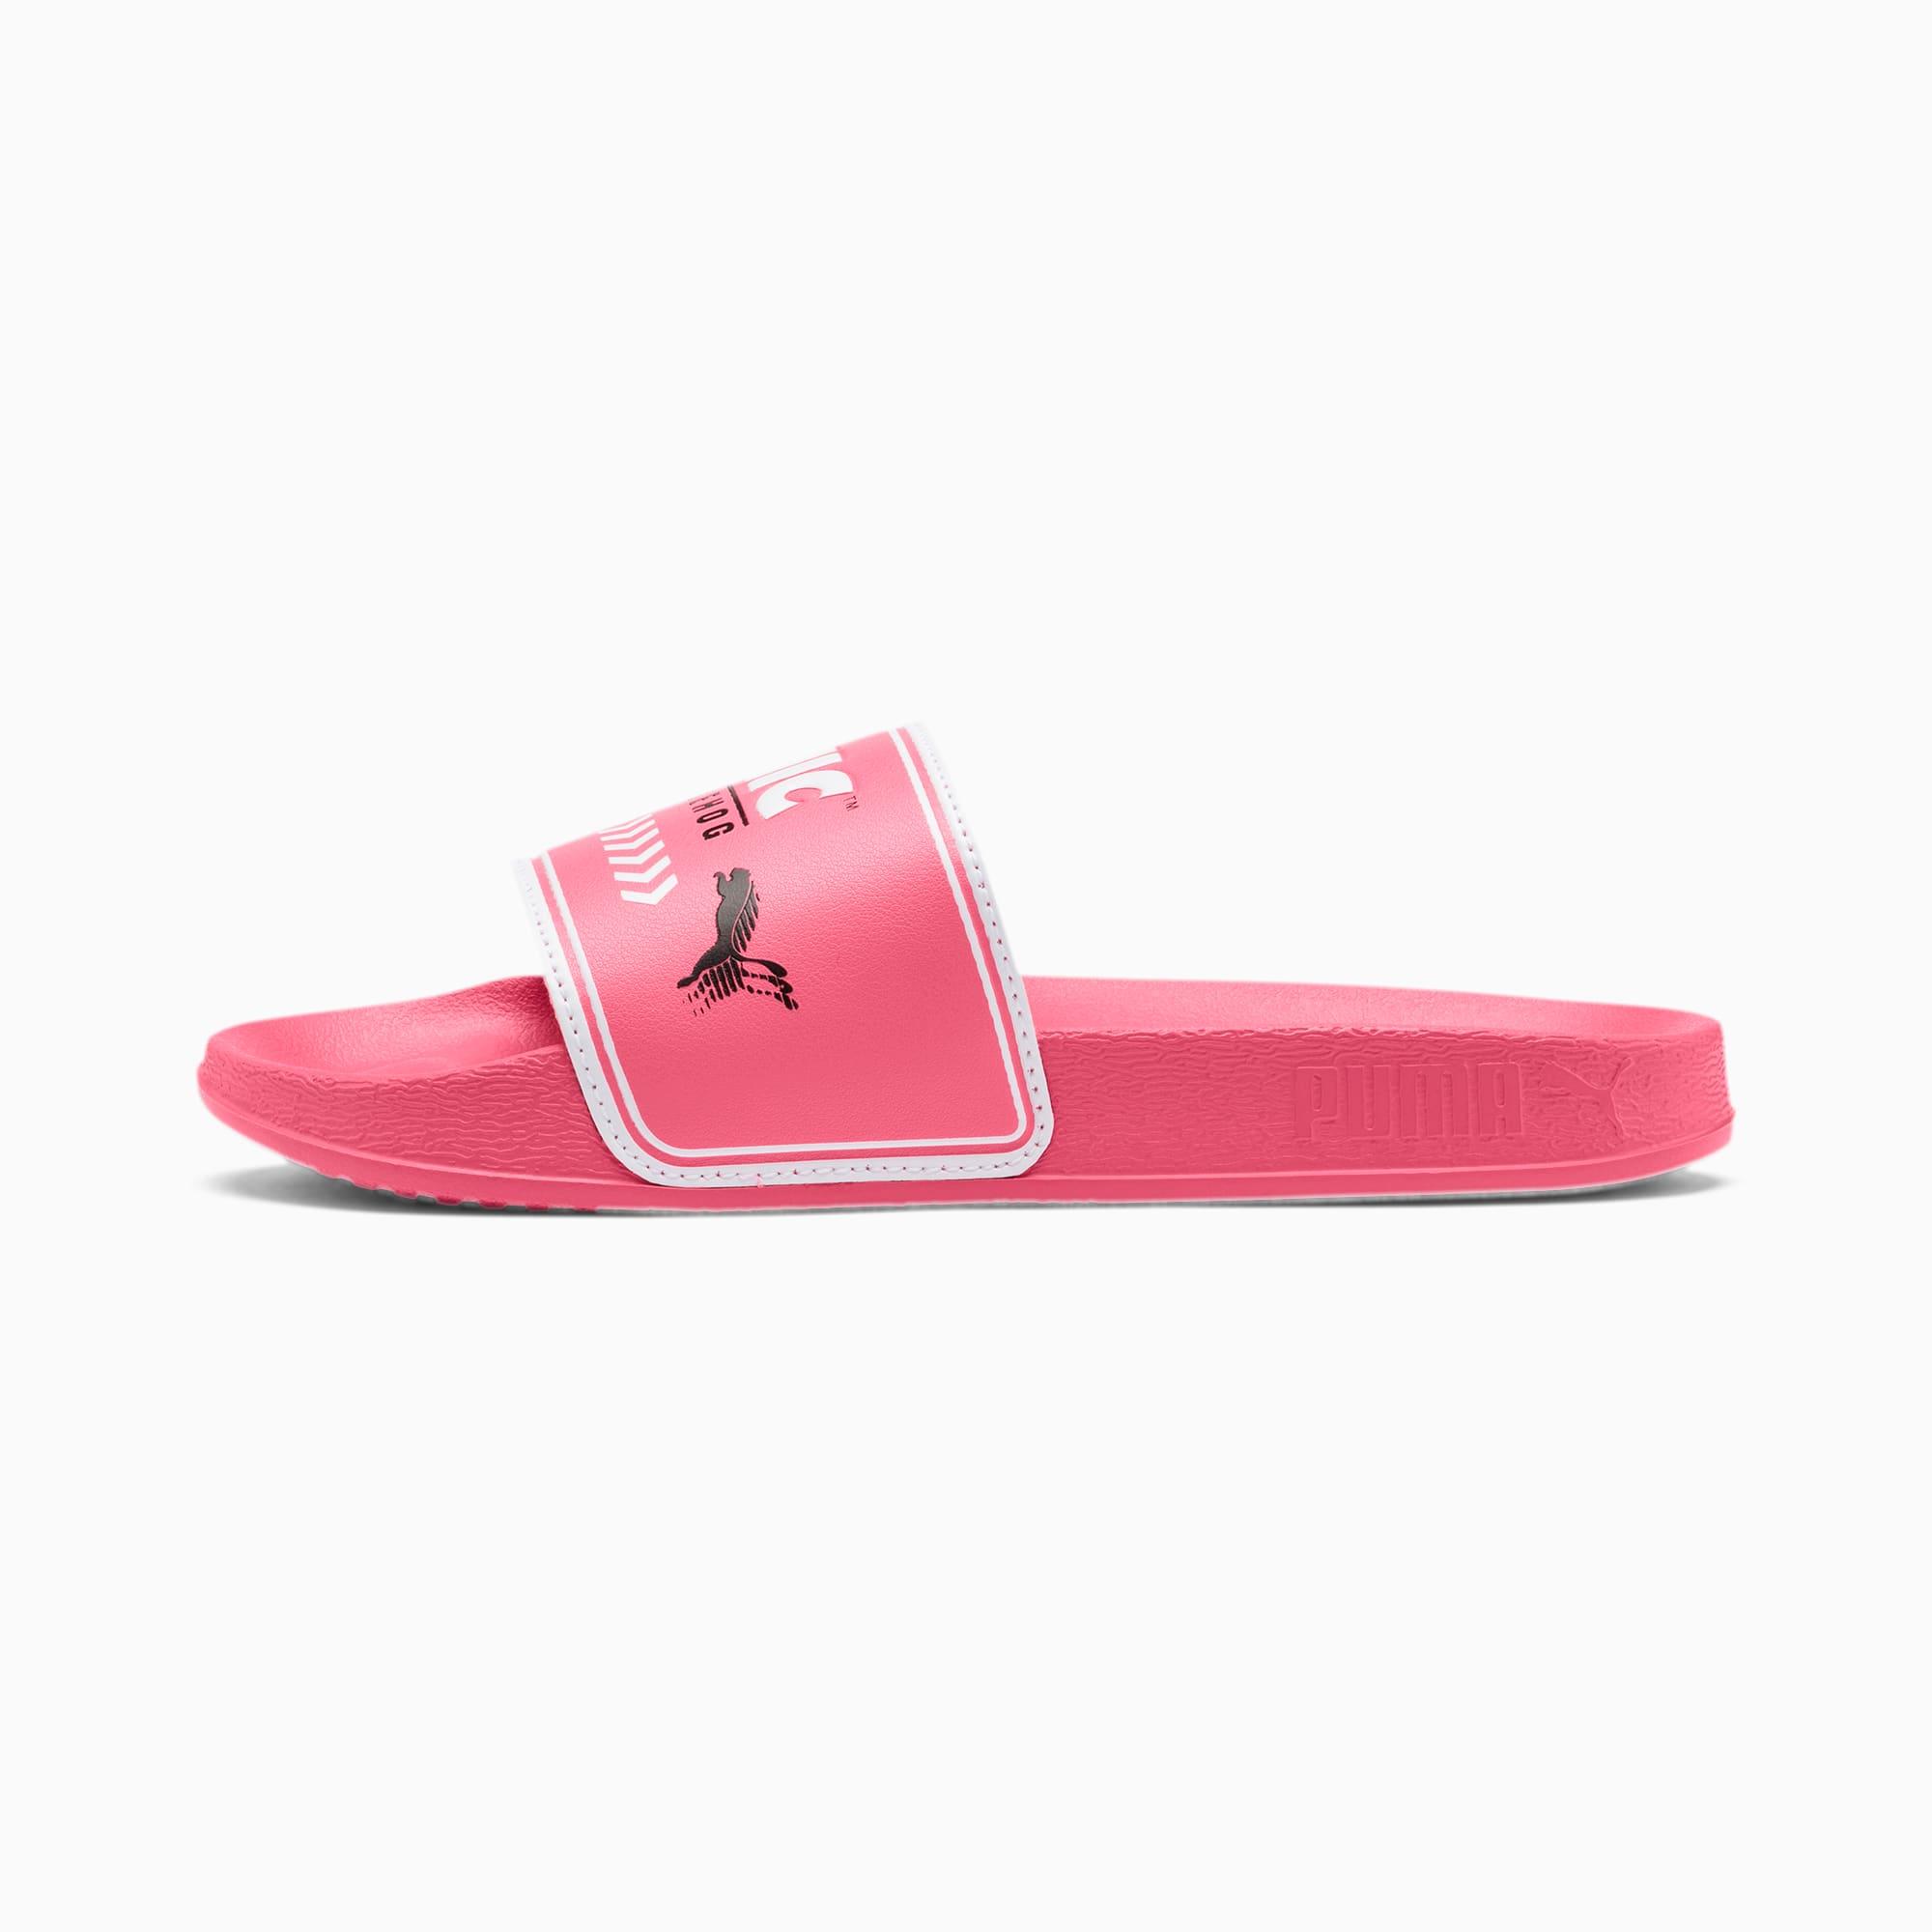 PUMA Sandale PUMA x SONIC Leadcat pour enfant, Blanc, Taille 31, Chaussures